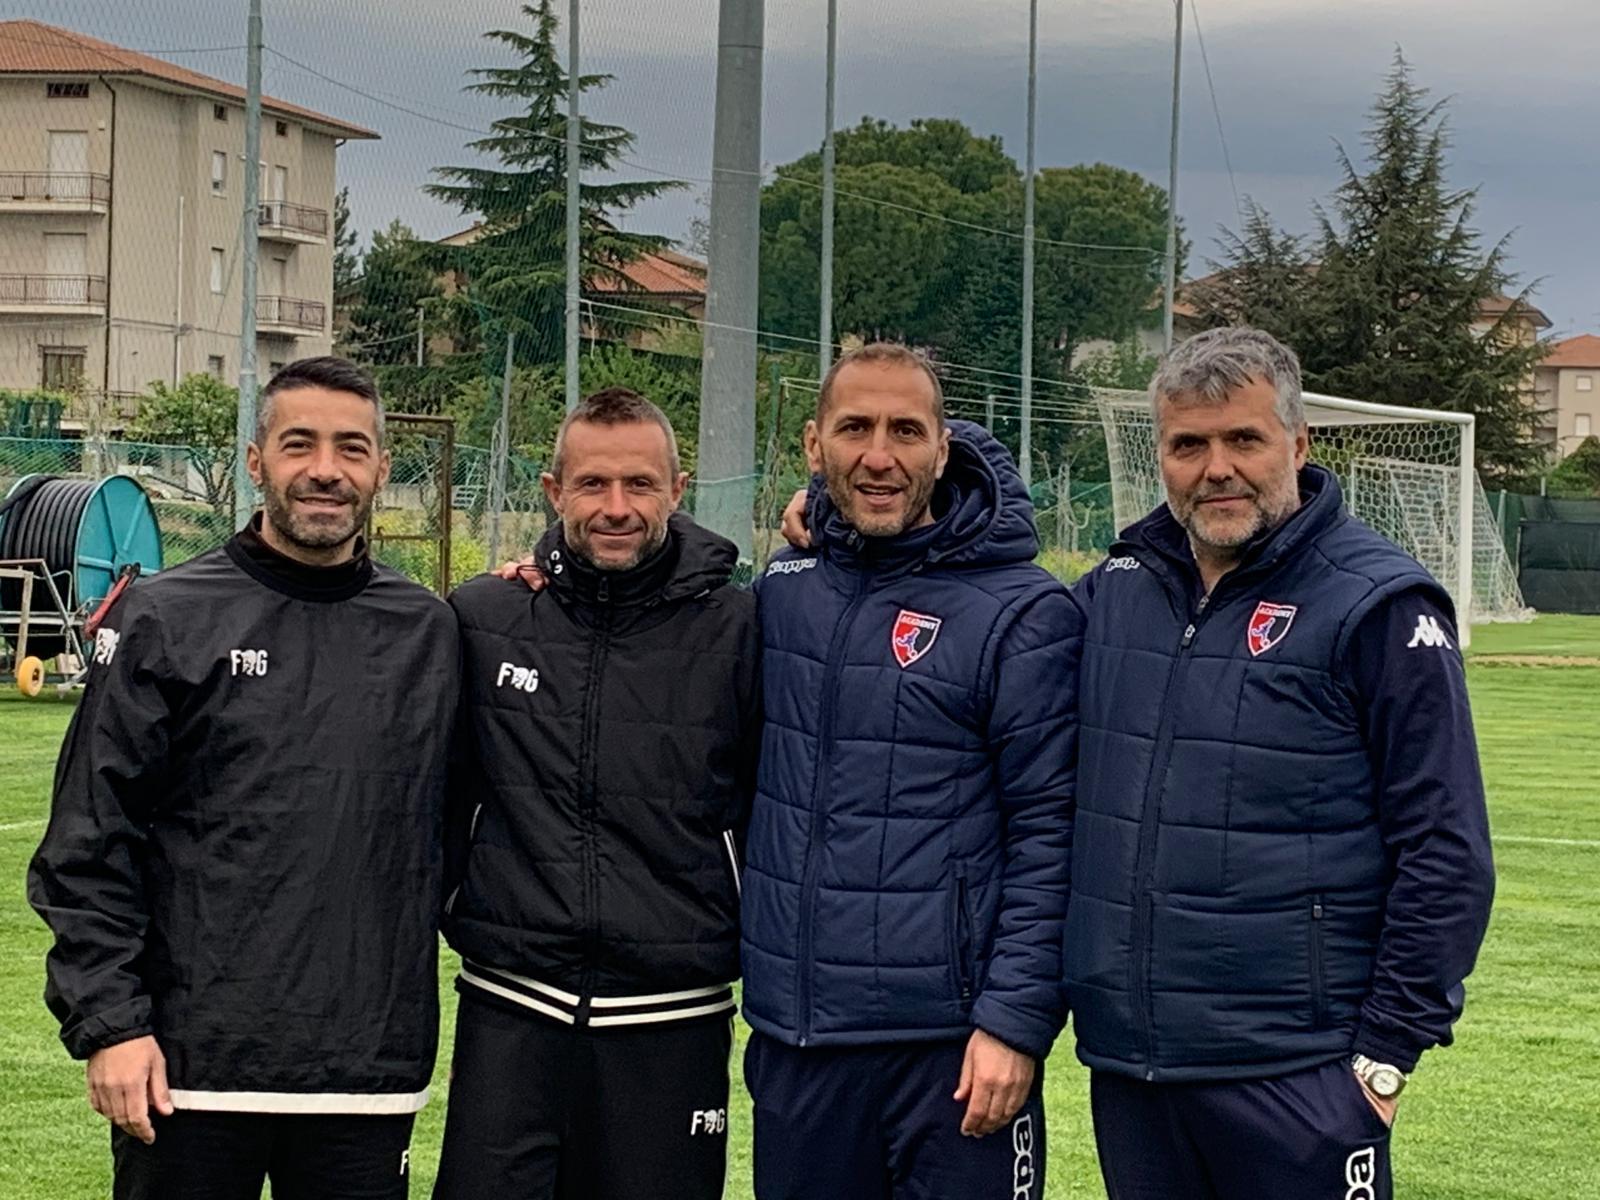 Dirigenti Giovanissimi cadetti - Perugia (Trodica)